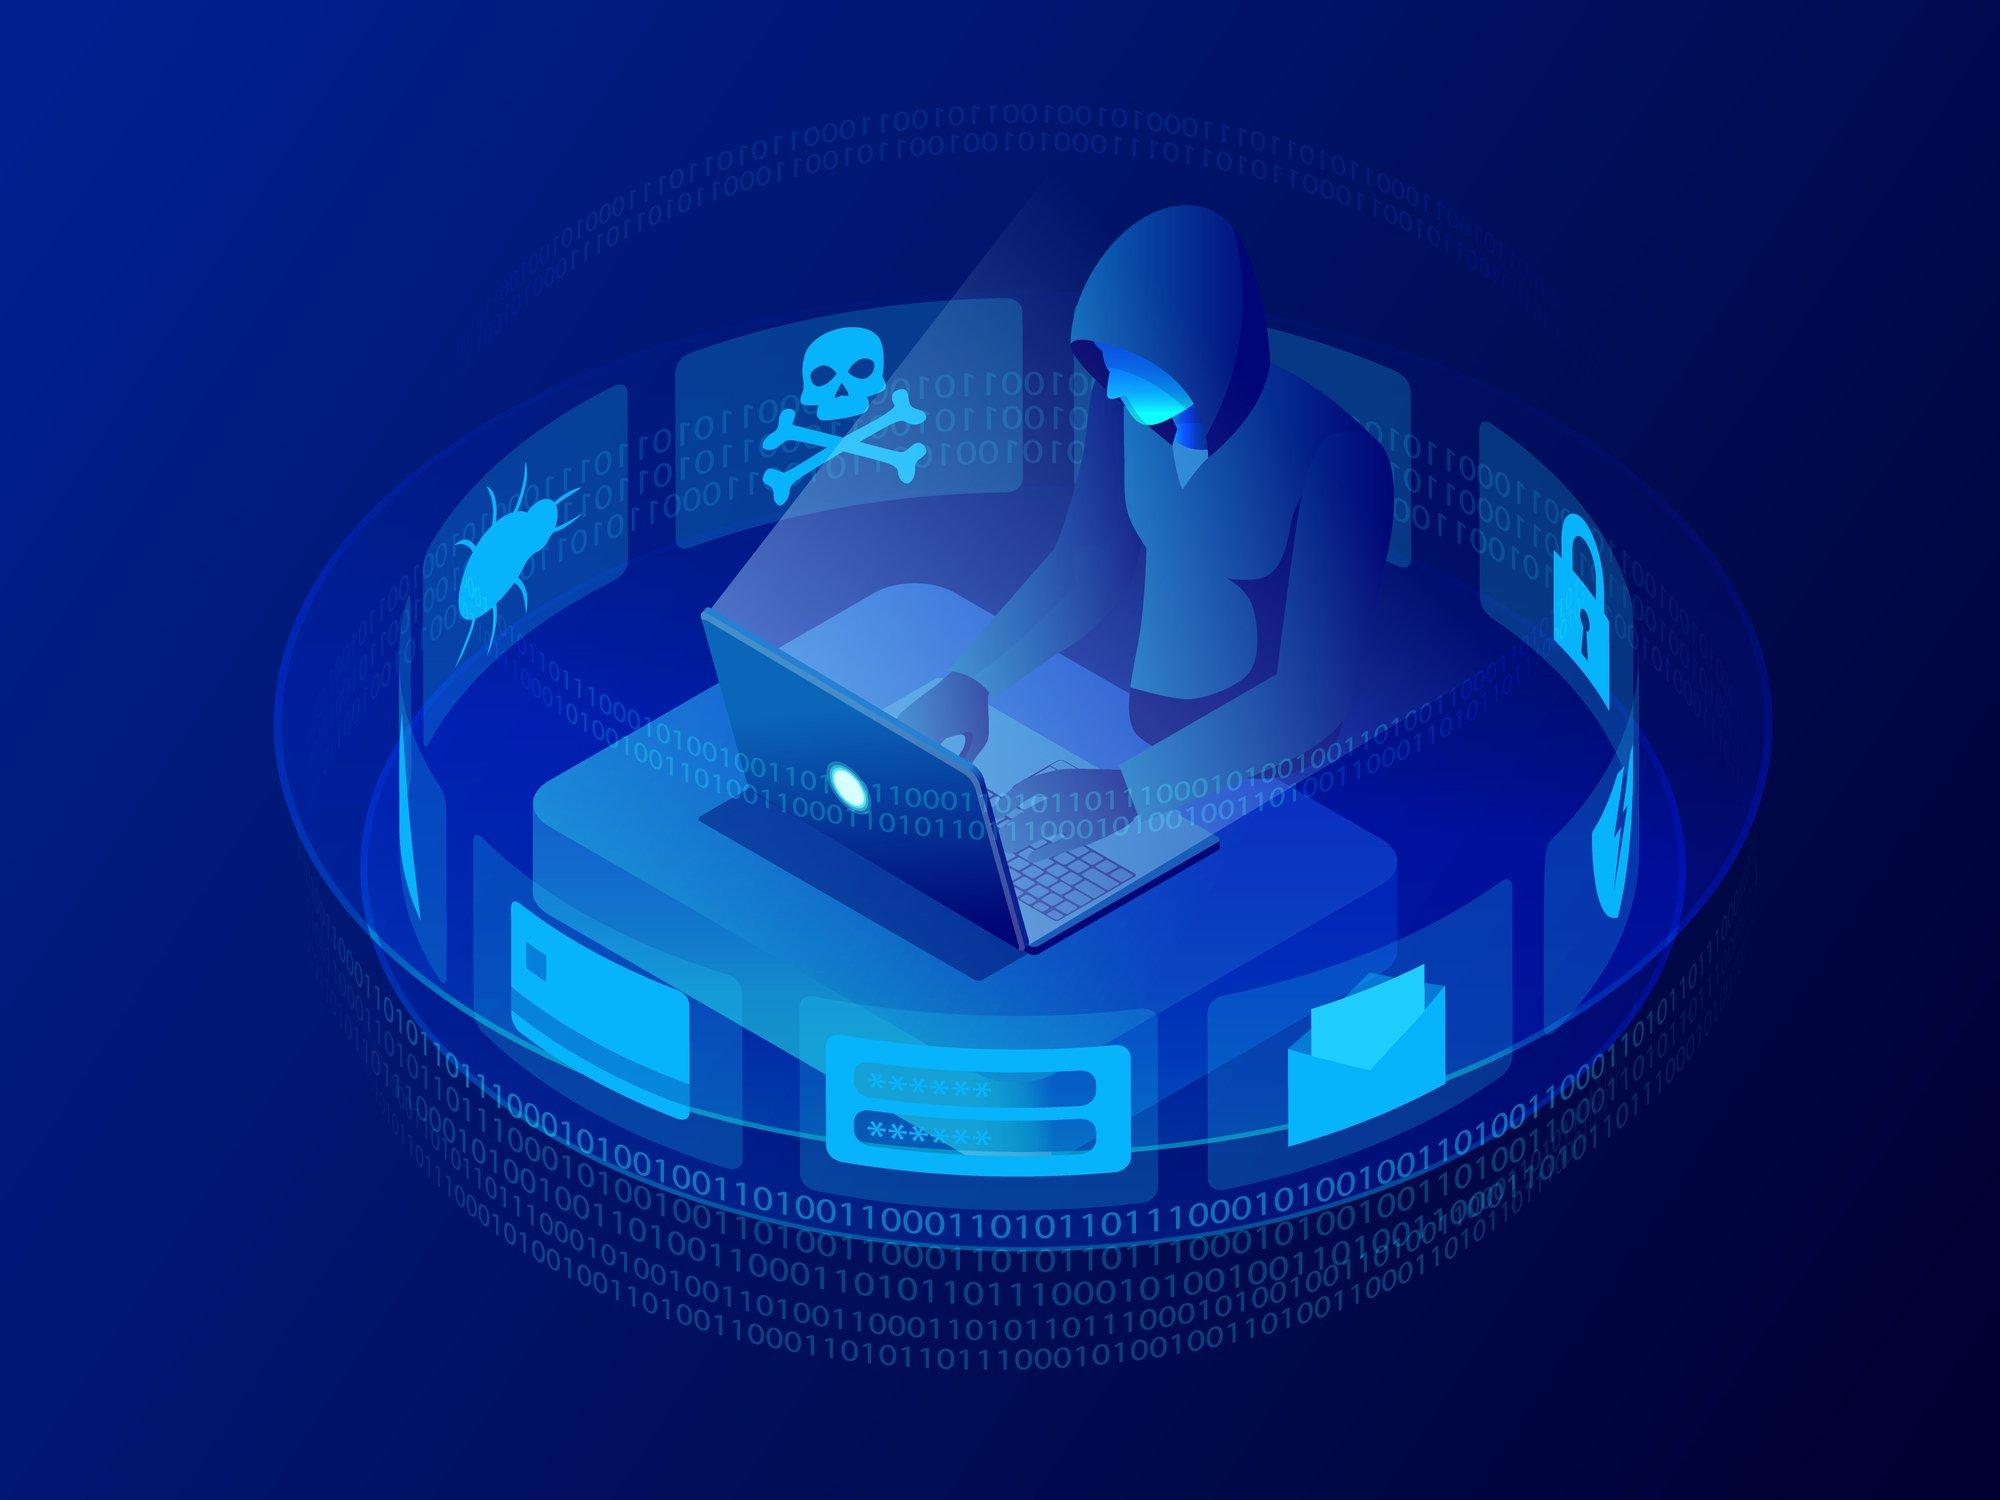 Quelle est l'utilité d'un ethical hacker dans votre entreprise ?